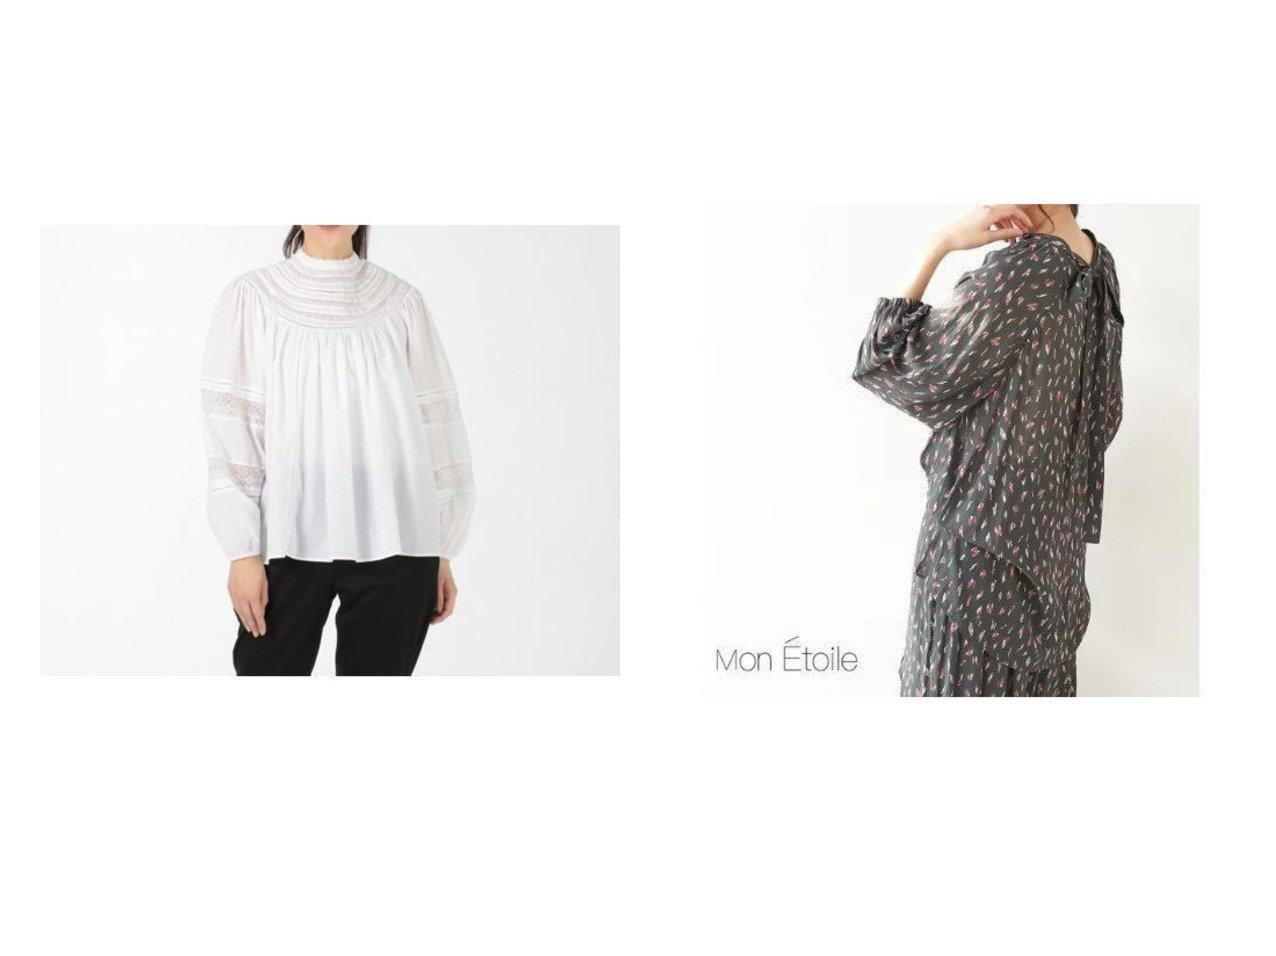 【Rope Picnic/ロペピクニック】の【一部店舗限定】【Mon E toile】【セットアップ対応】【2WAY】ボウタイブラウス&【MICA & DEAL/マイカ ディール】のround lace blouse トップス・カットソーのおすすめ!人気、トレンド・レディースファッションの通販 おすすめで人気の流行・トレンド、ファッションの通販商品 メンズファッション・キッズファッション・インテリア・家具・レディースファッション・服の通販 founy(ファニー) https://founy.com/ ファッション Fashion レディースファッション WOMEN トップス Tops Tshirt シャツ/ブラウス Shirts Blouses セットアップ Setup トップス Tops インド デコルテ ハイネック ボトム レース 長袖 エレガント 春 Spring 秋 Autumn/Fall スクエア スリム スリーブ セットアップ ドレス ポケット レオパード |ID:crp329100000011173